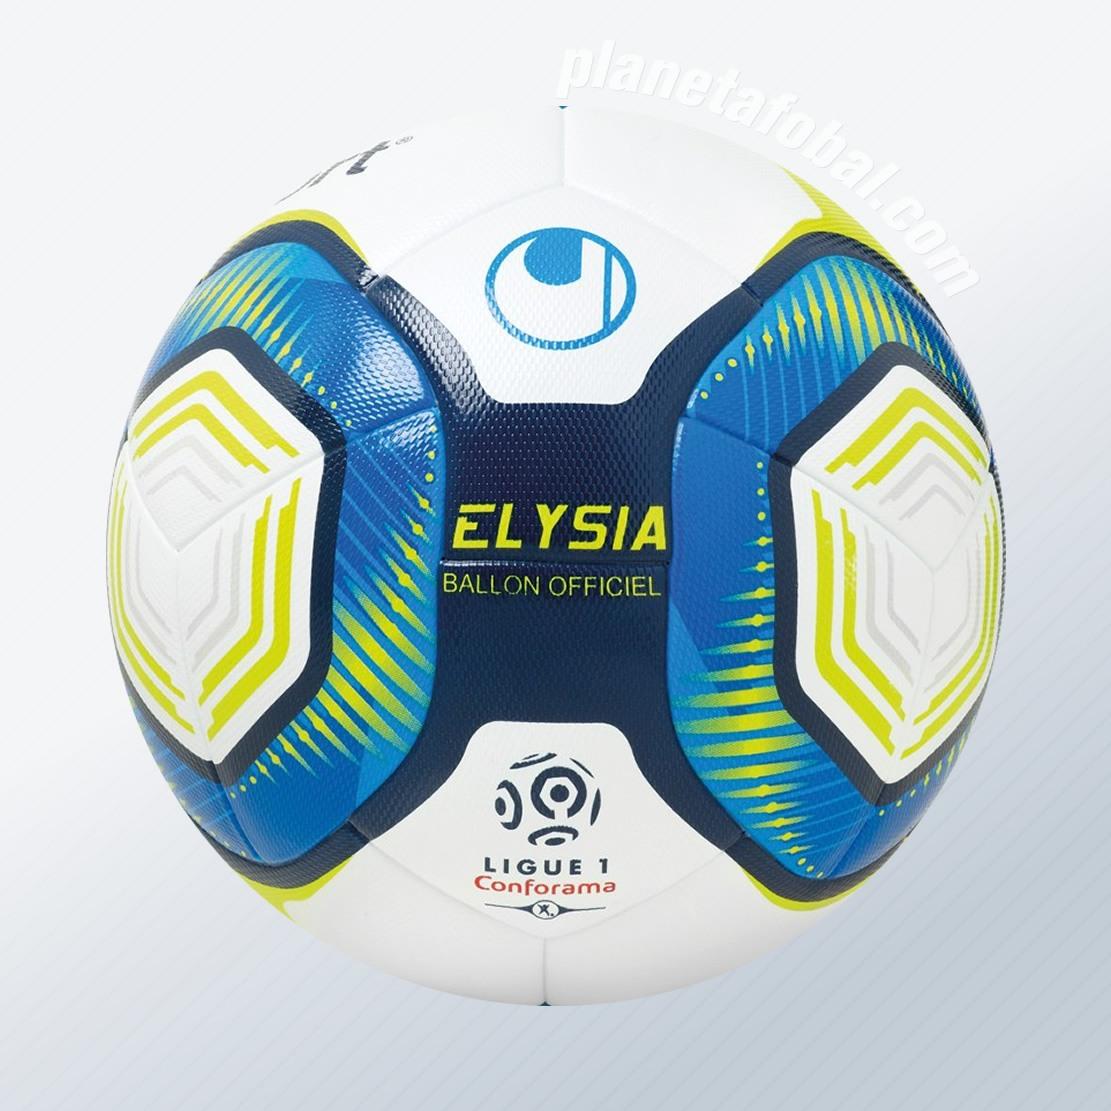 Balón oficial Uhlsport «Elysia» Ligue 1 2019/2020